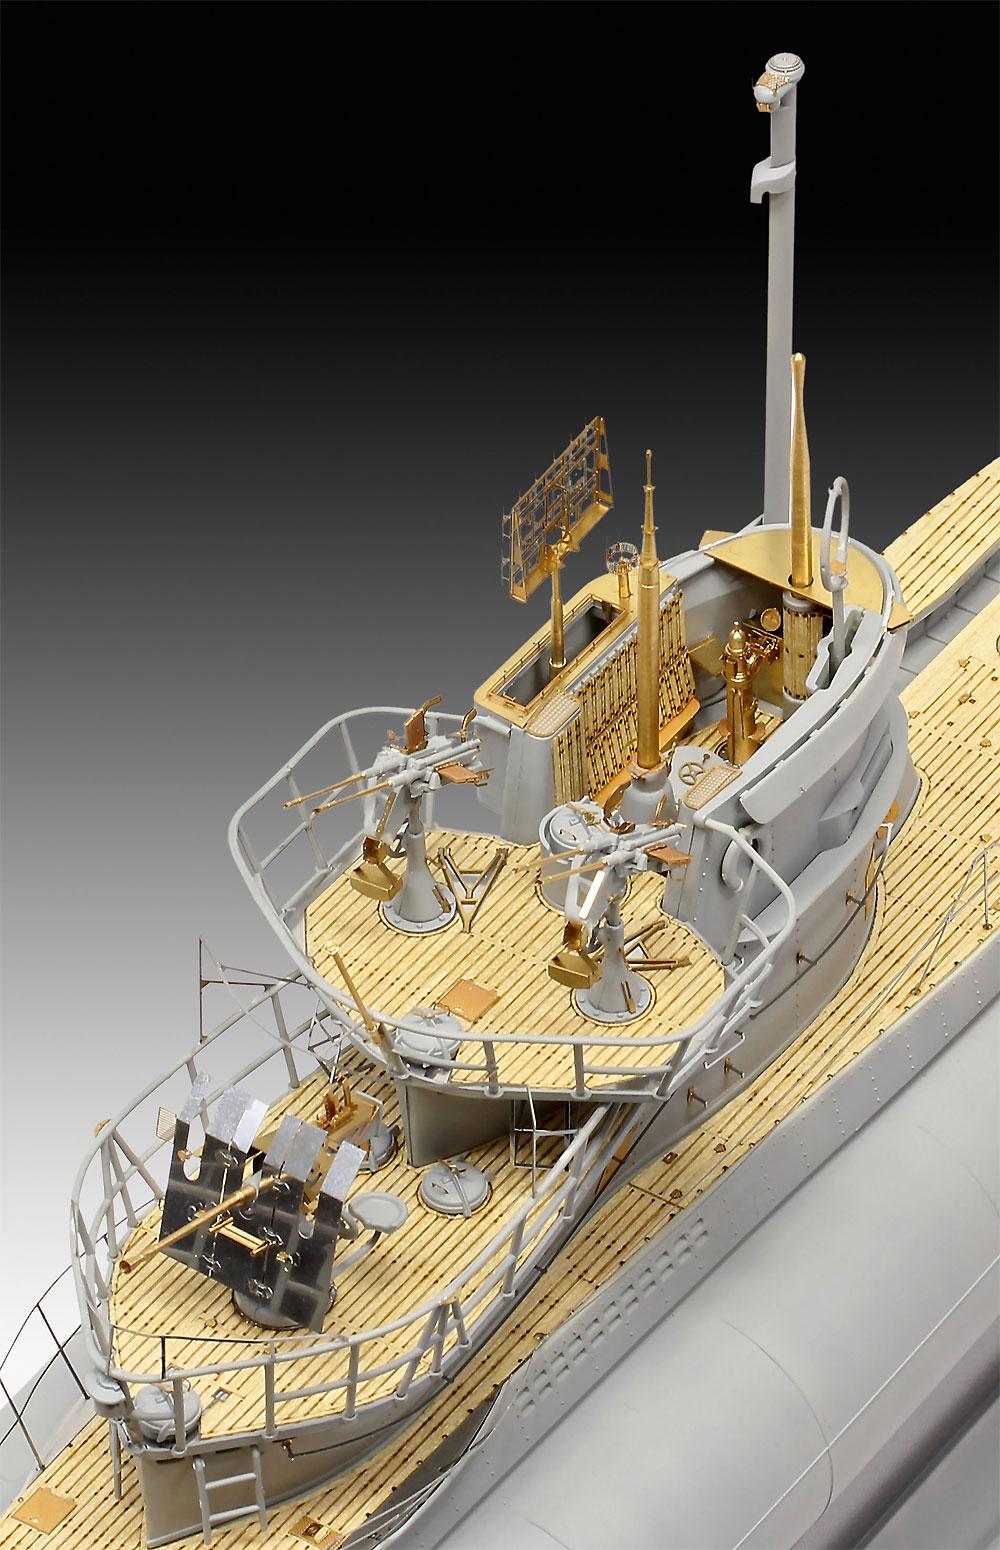 ドイツ潜水艦 Type7C/41 プレミアムエディションプラモデル(レベル1/72 艦船モデルNo.05163)商品画像_3